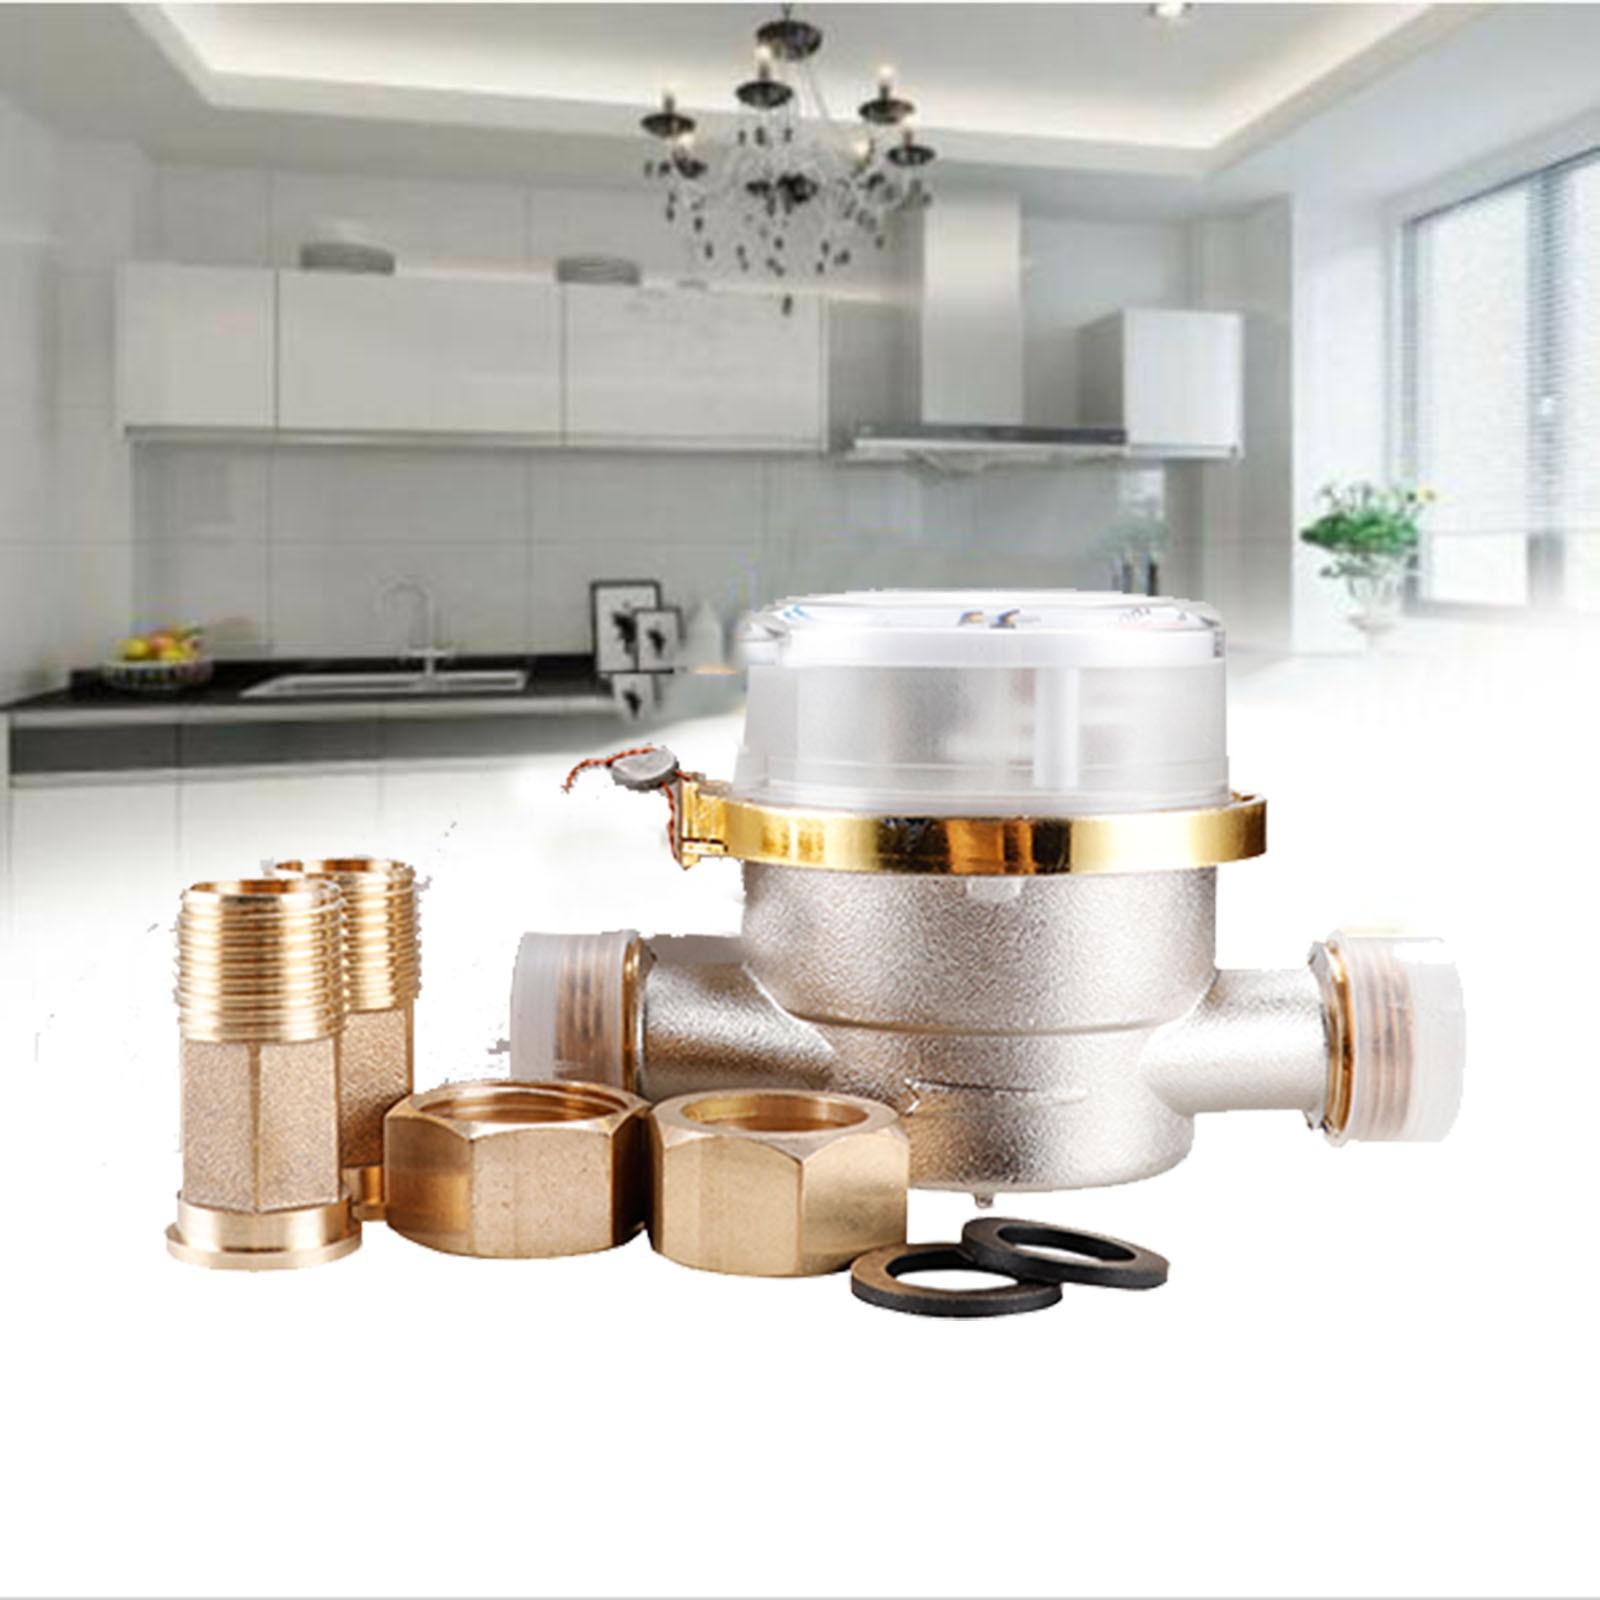 Intelligent Water Meter Household Mechanical Rotor Type Cold Water Meter Pointer Digital Display Combination Water Meters#35